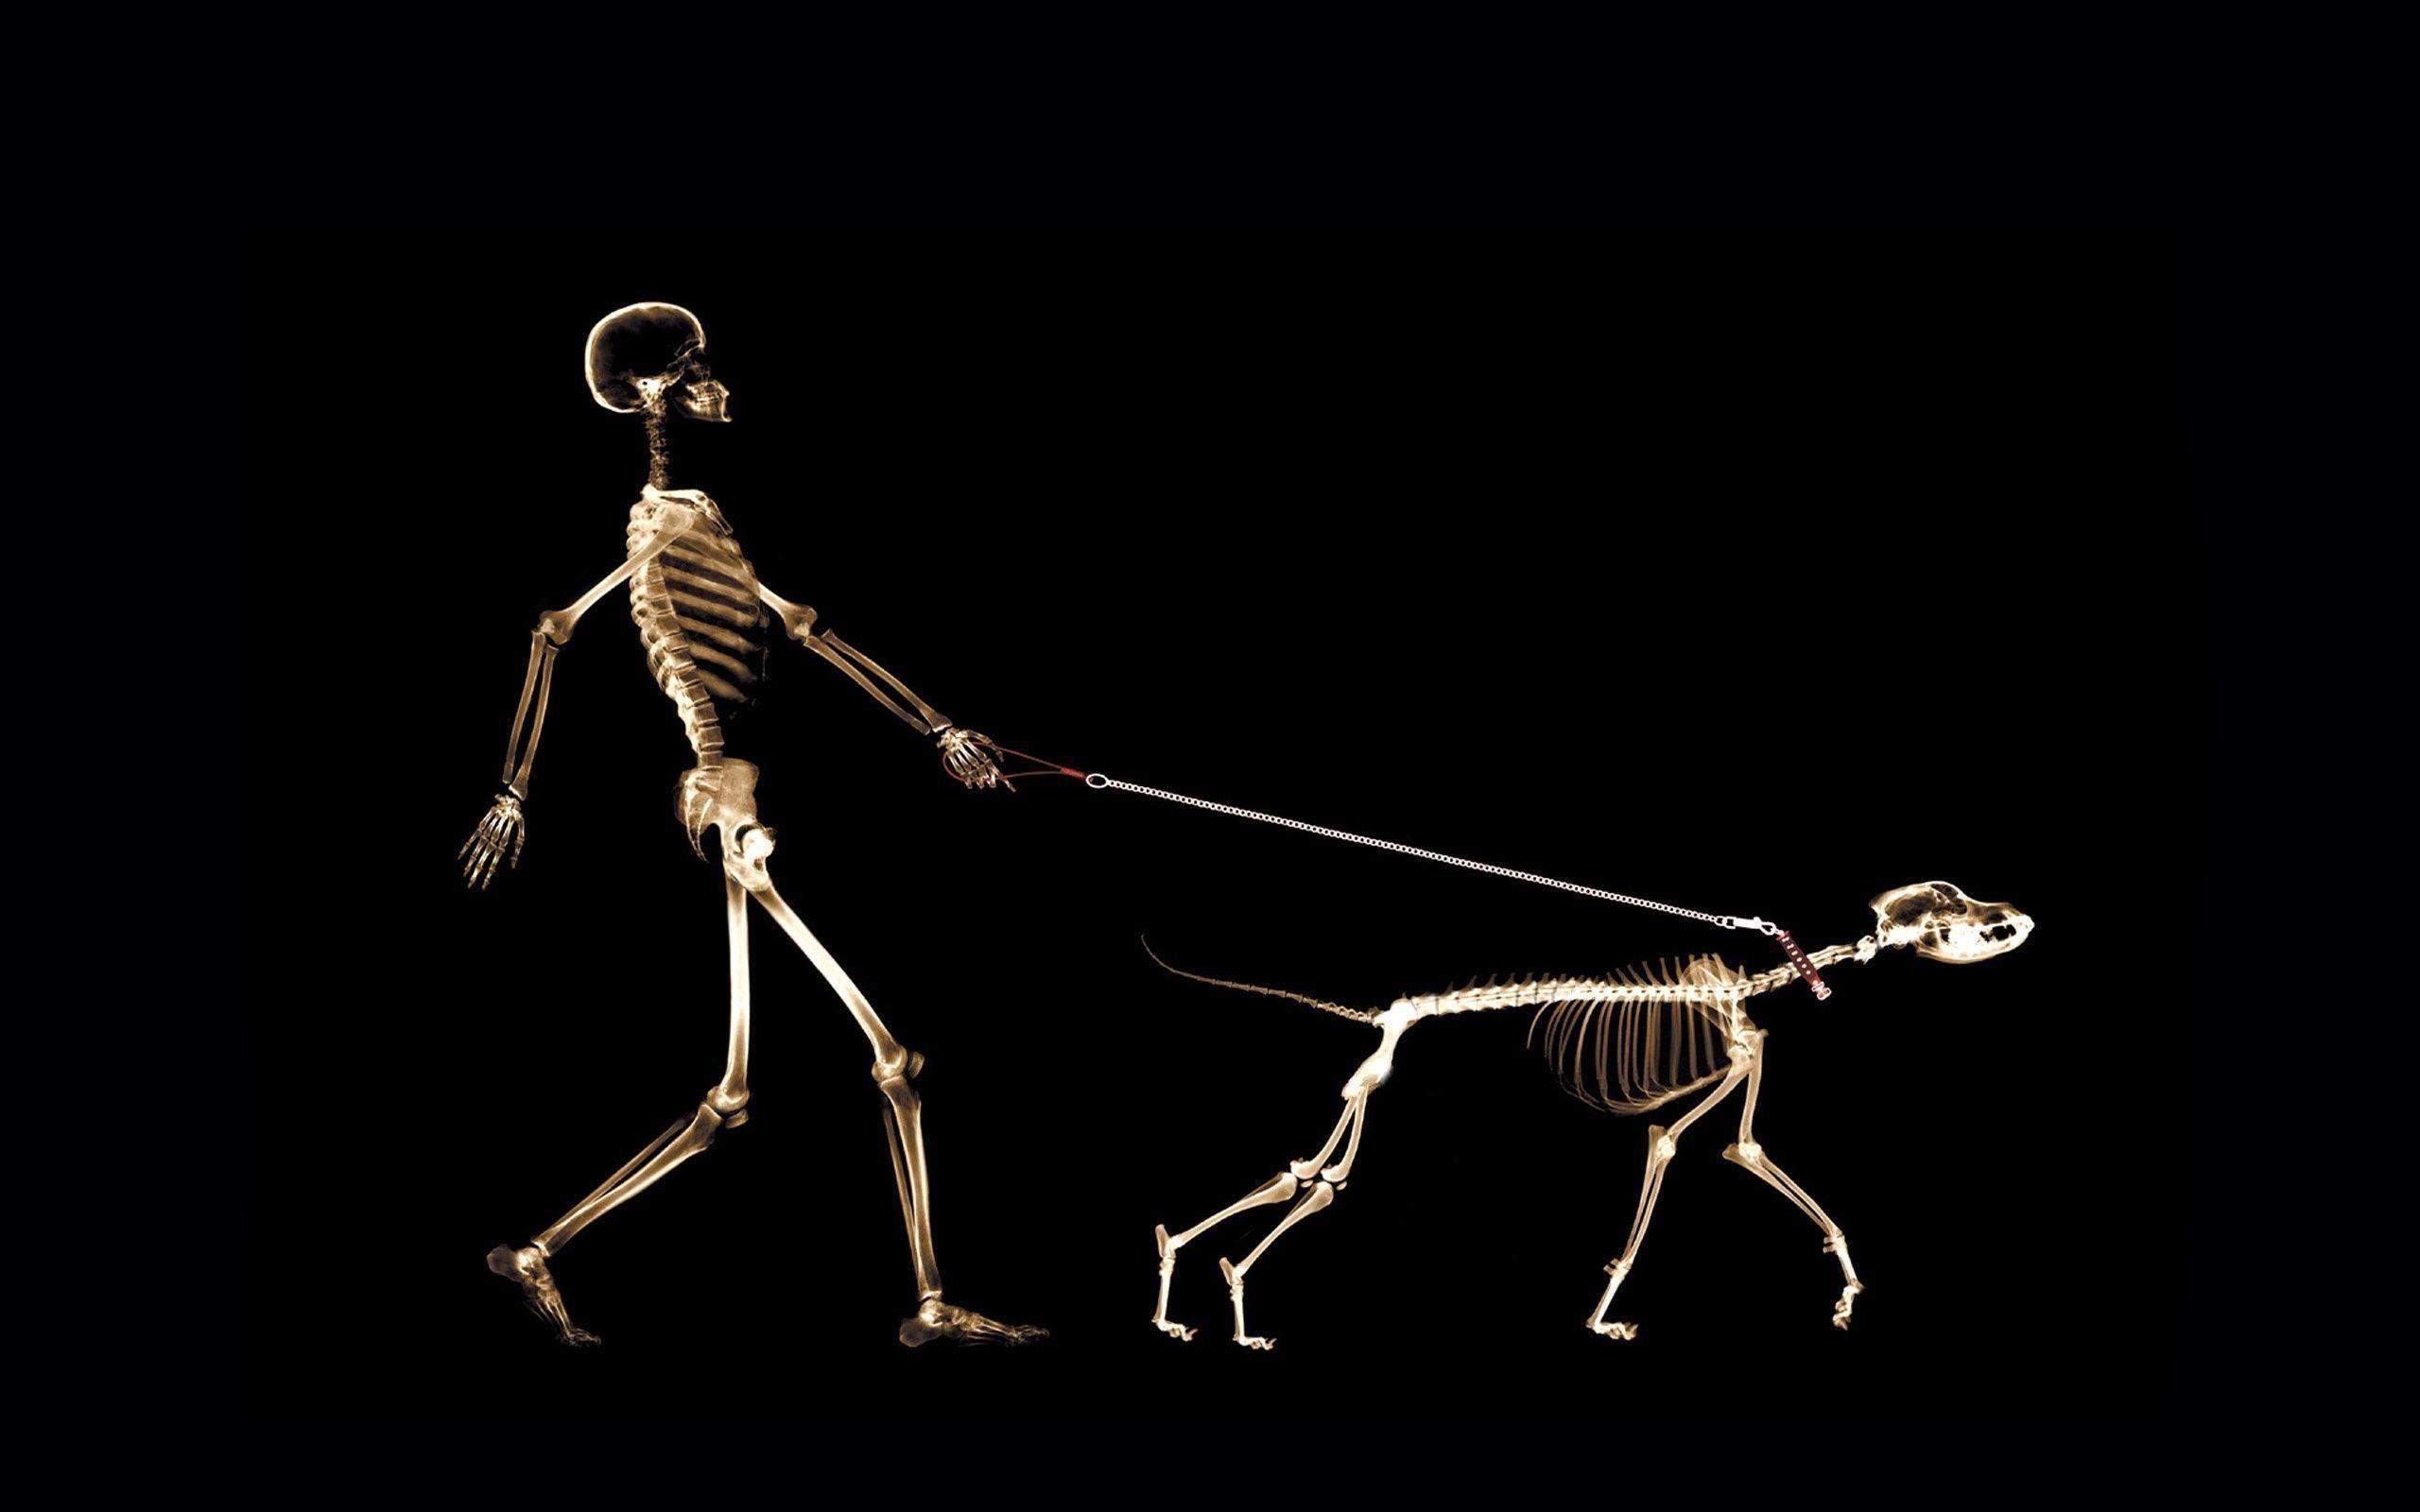 Skeleton Wallpaper 9